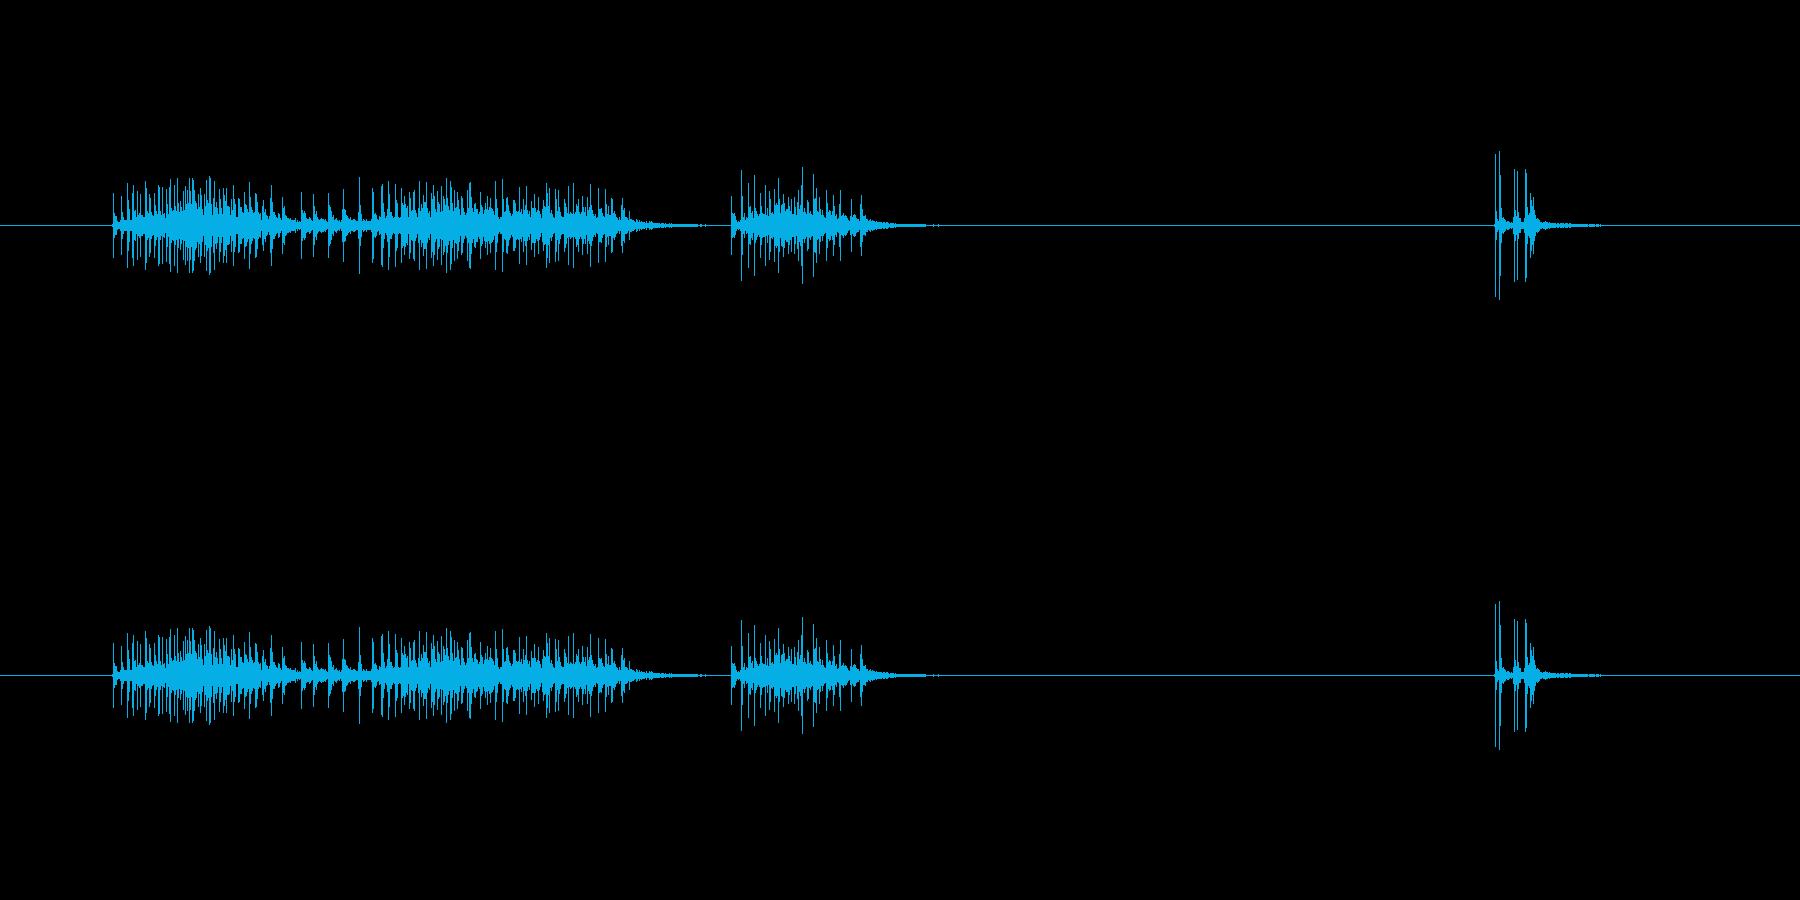 【セロテープ01-3(引く・切る)】の再生済みの波形